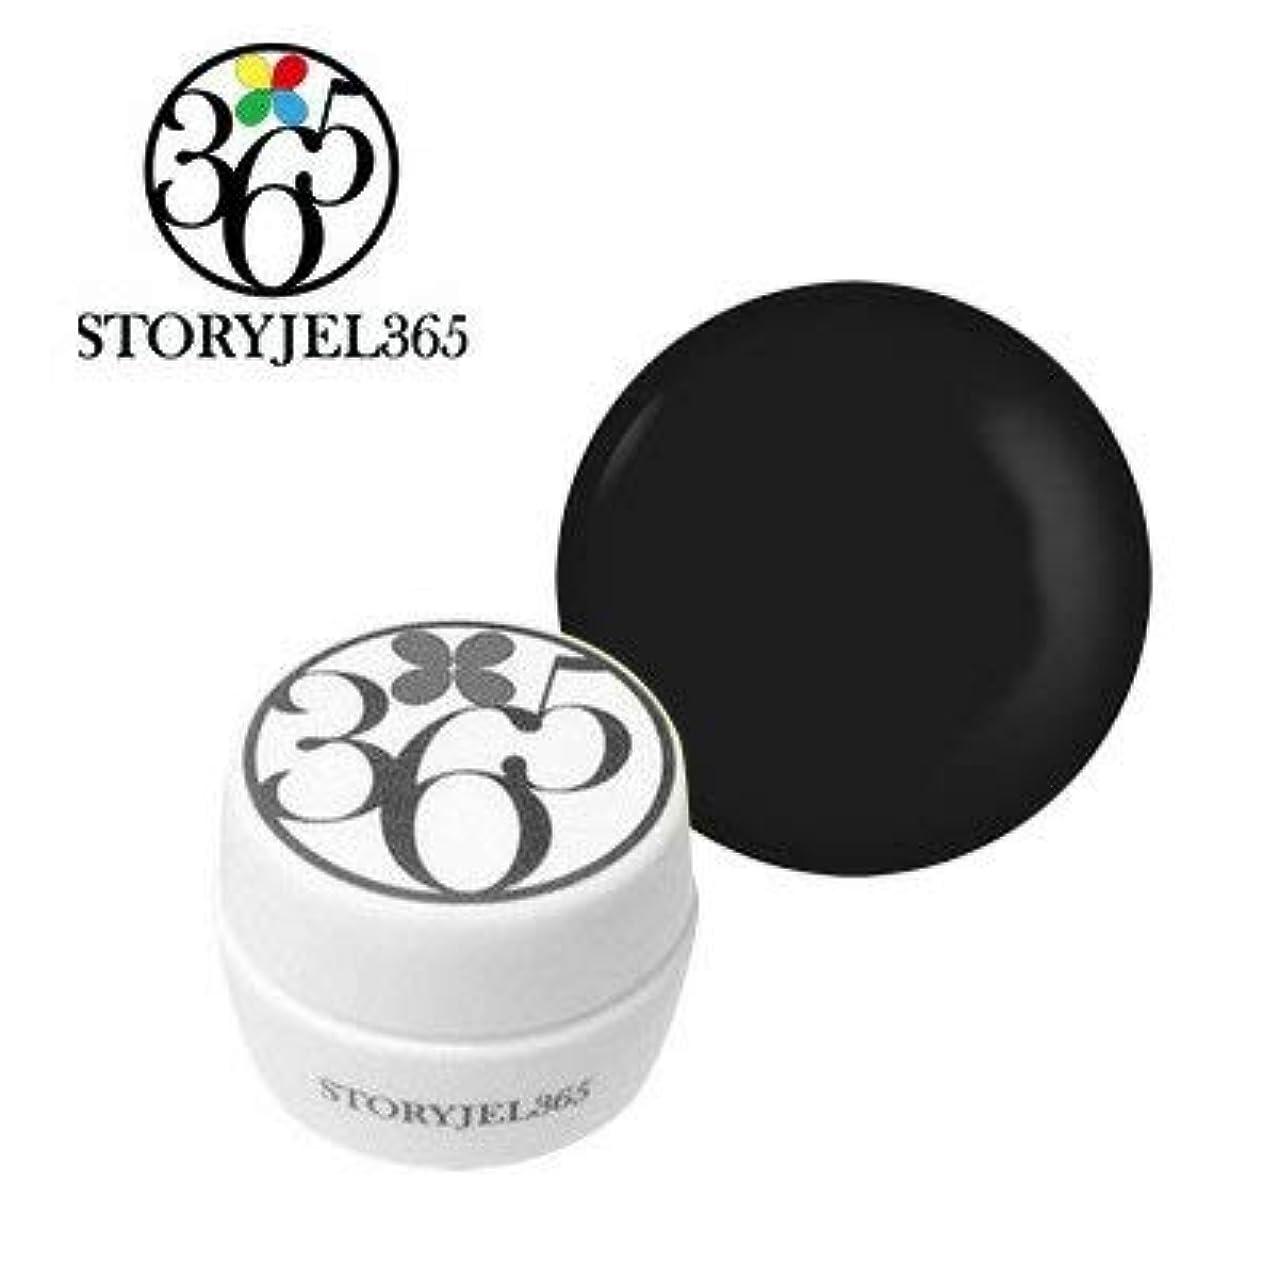 受付ヒップ投資するSTORYJEL365 カラージェル 5g (ストーリージェル) SJS-301M-D 聖なる石